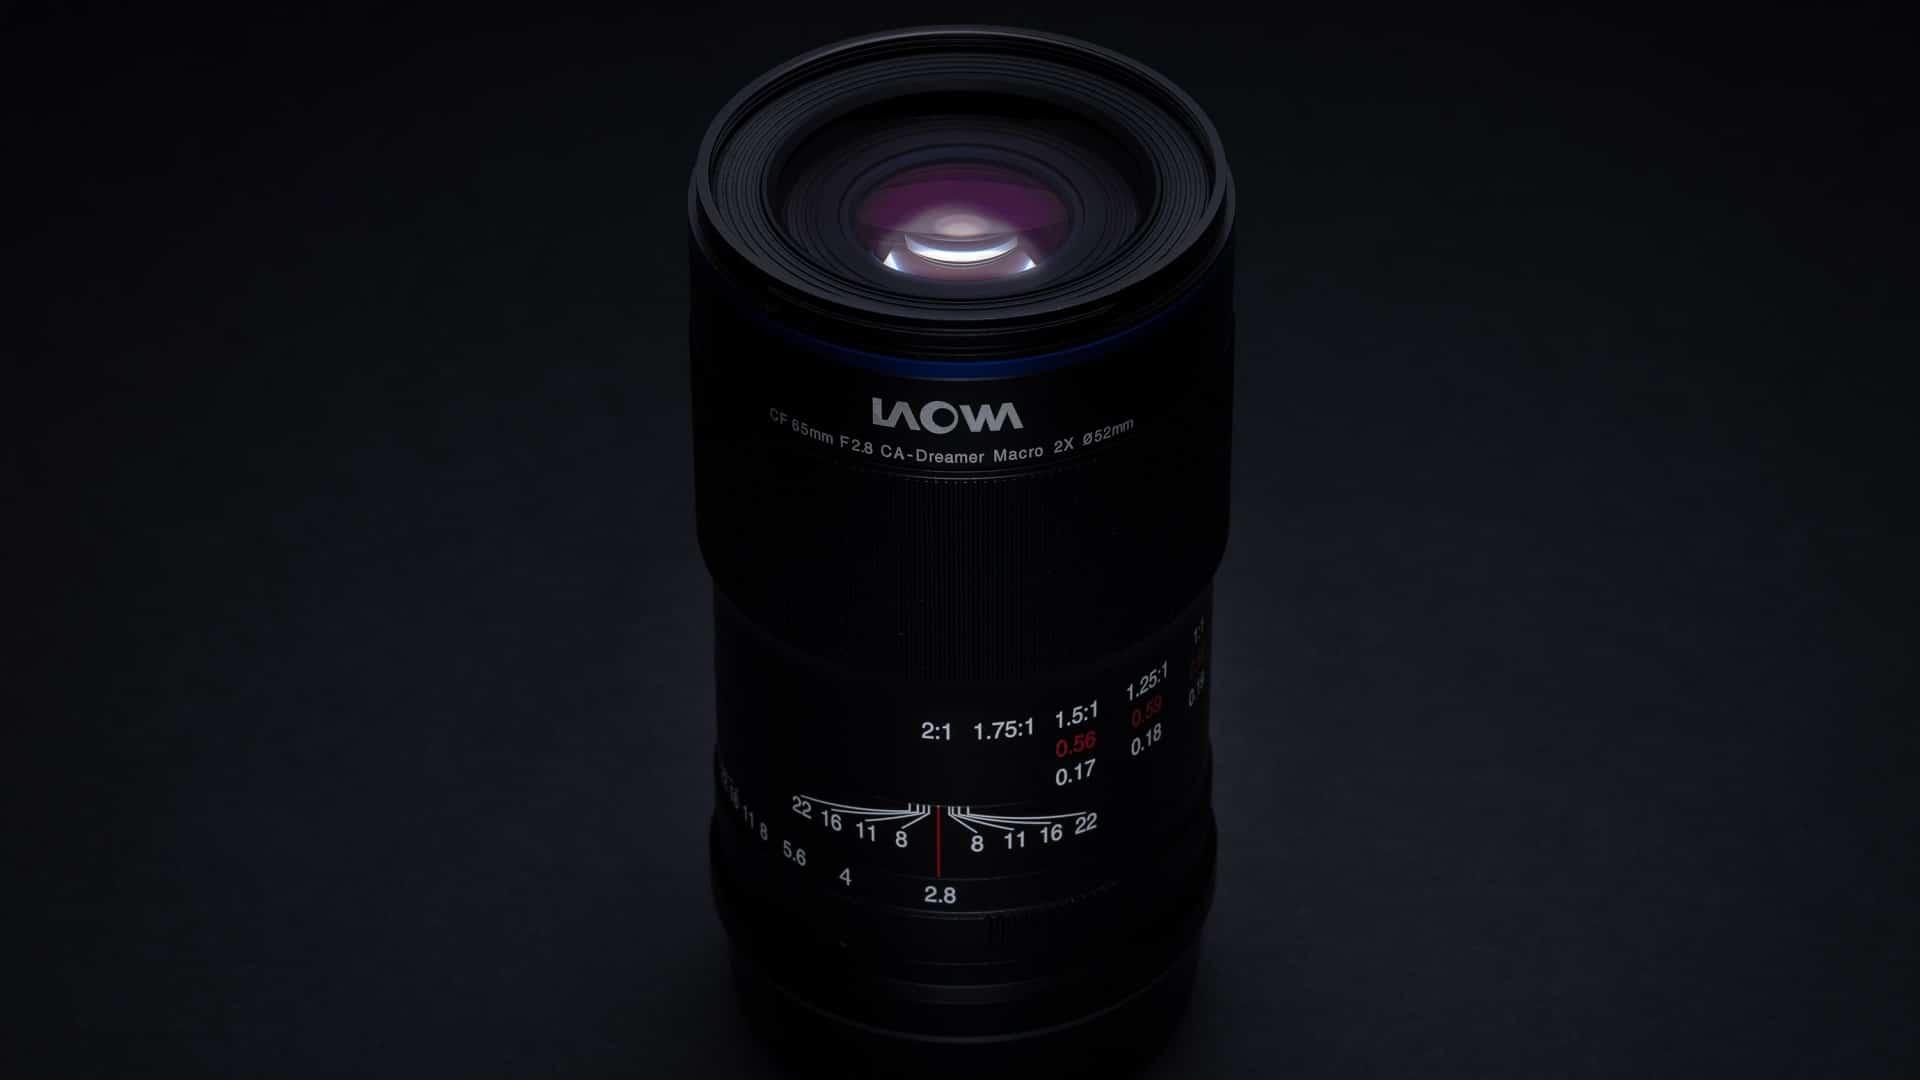 Venus Optics có thể ra mắt ống kính Laowa 50mm F2.8 CA-Dreamer Macro 2X MFT mới